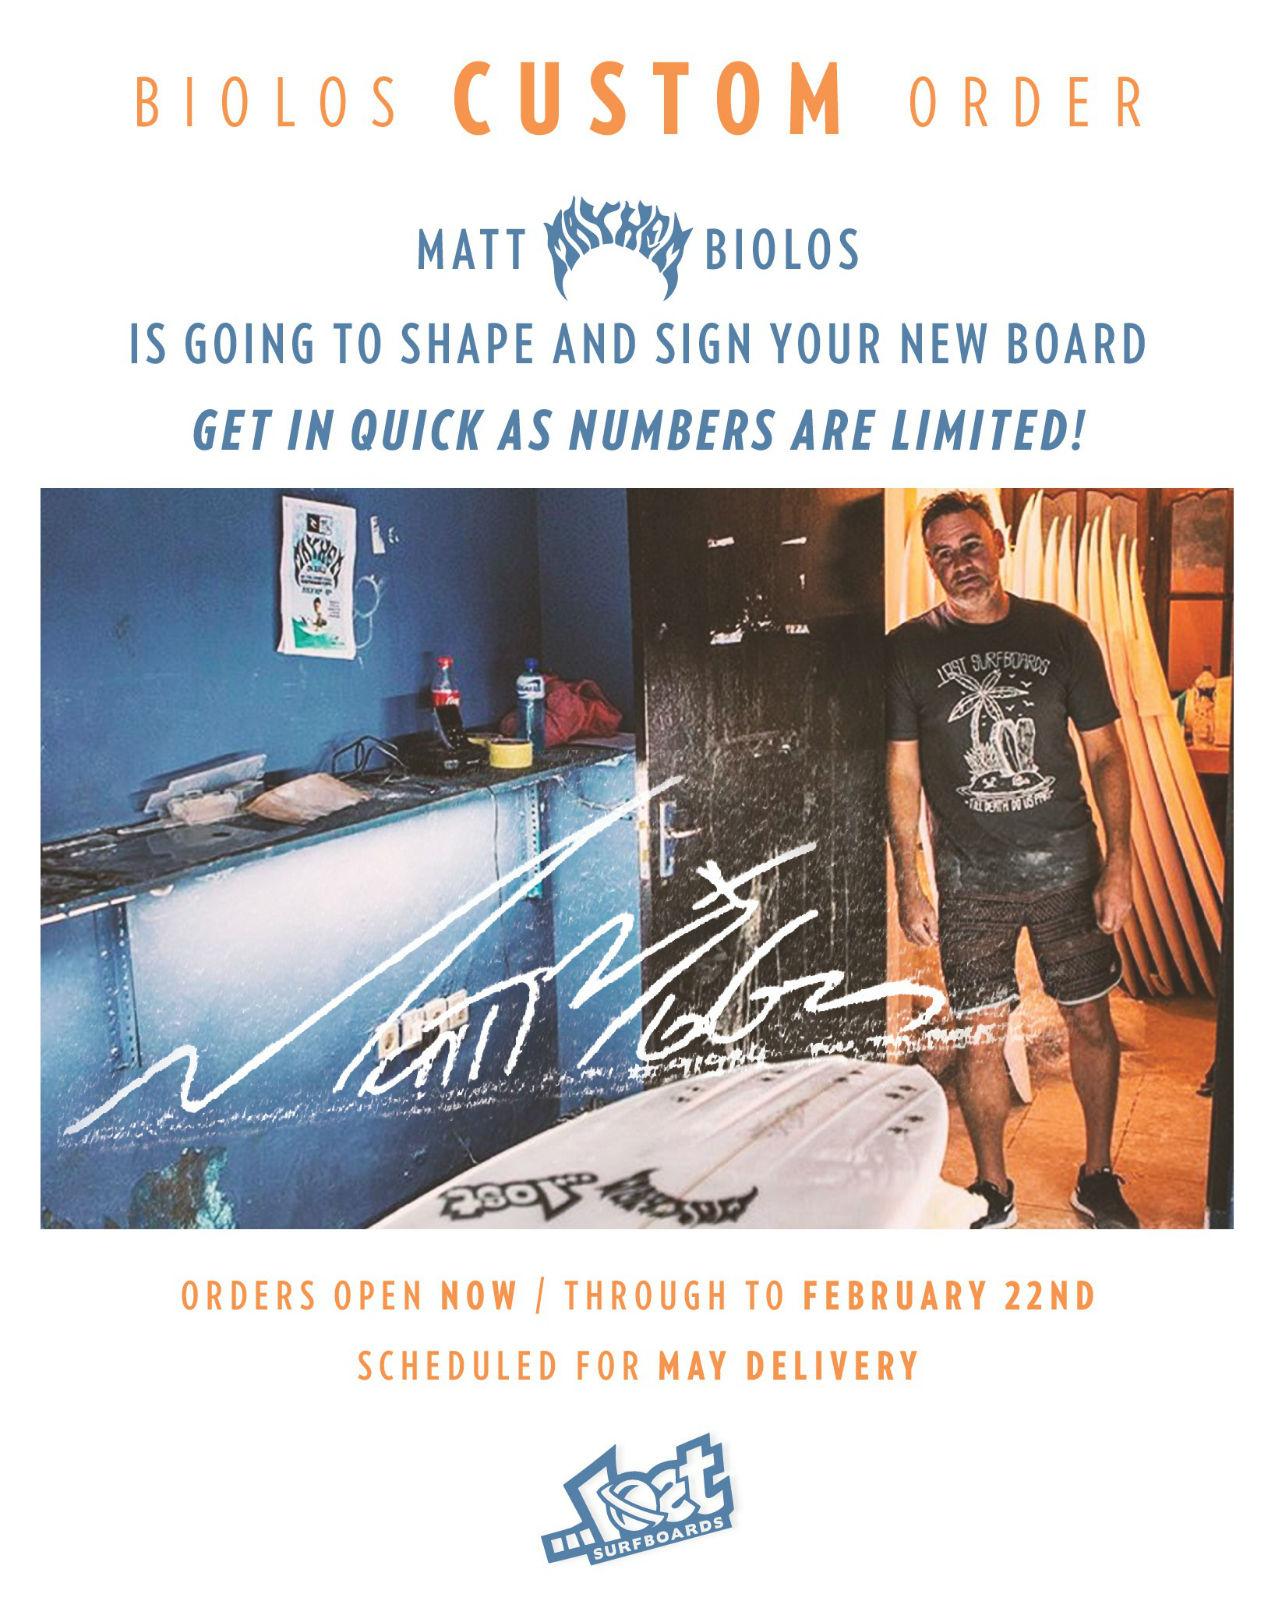 Matt Mayhem Biolos in Australia